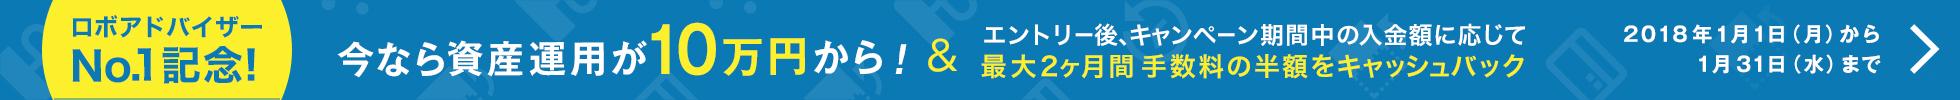 ロボアドバイザーNo.1記念!今なら10万円から資産運用を始められます!キャンペーン期間中の入金額に応じて最大2ヶ月間 手数料の半額をキャッシュバック